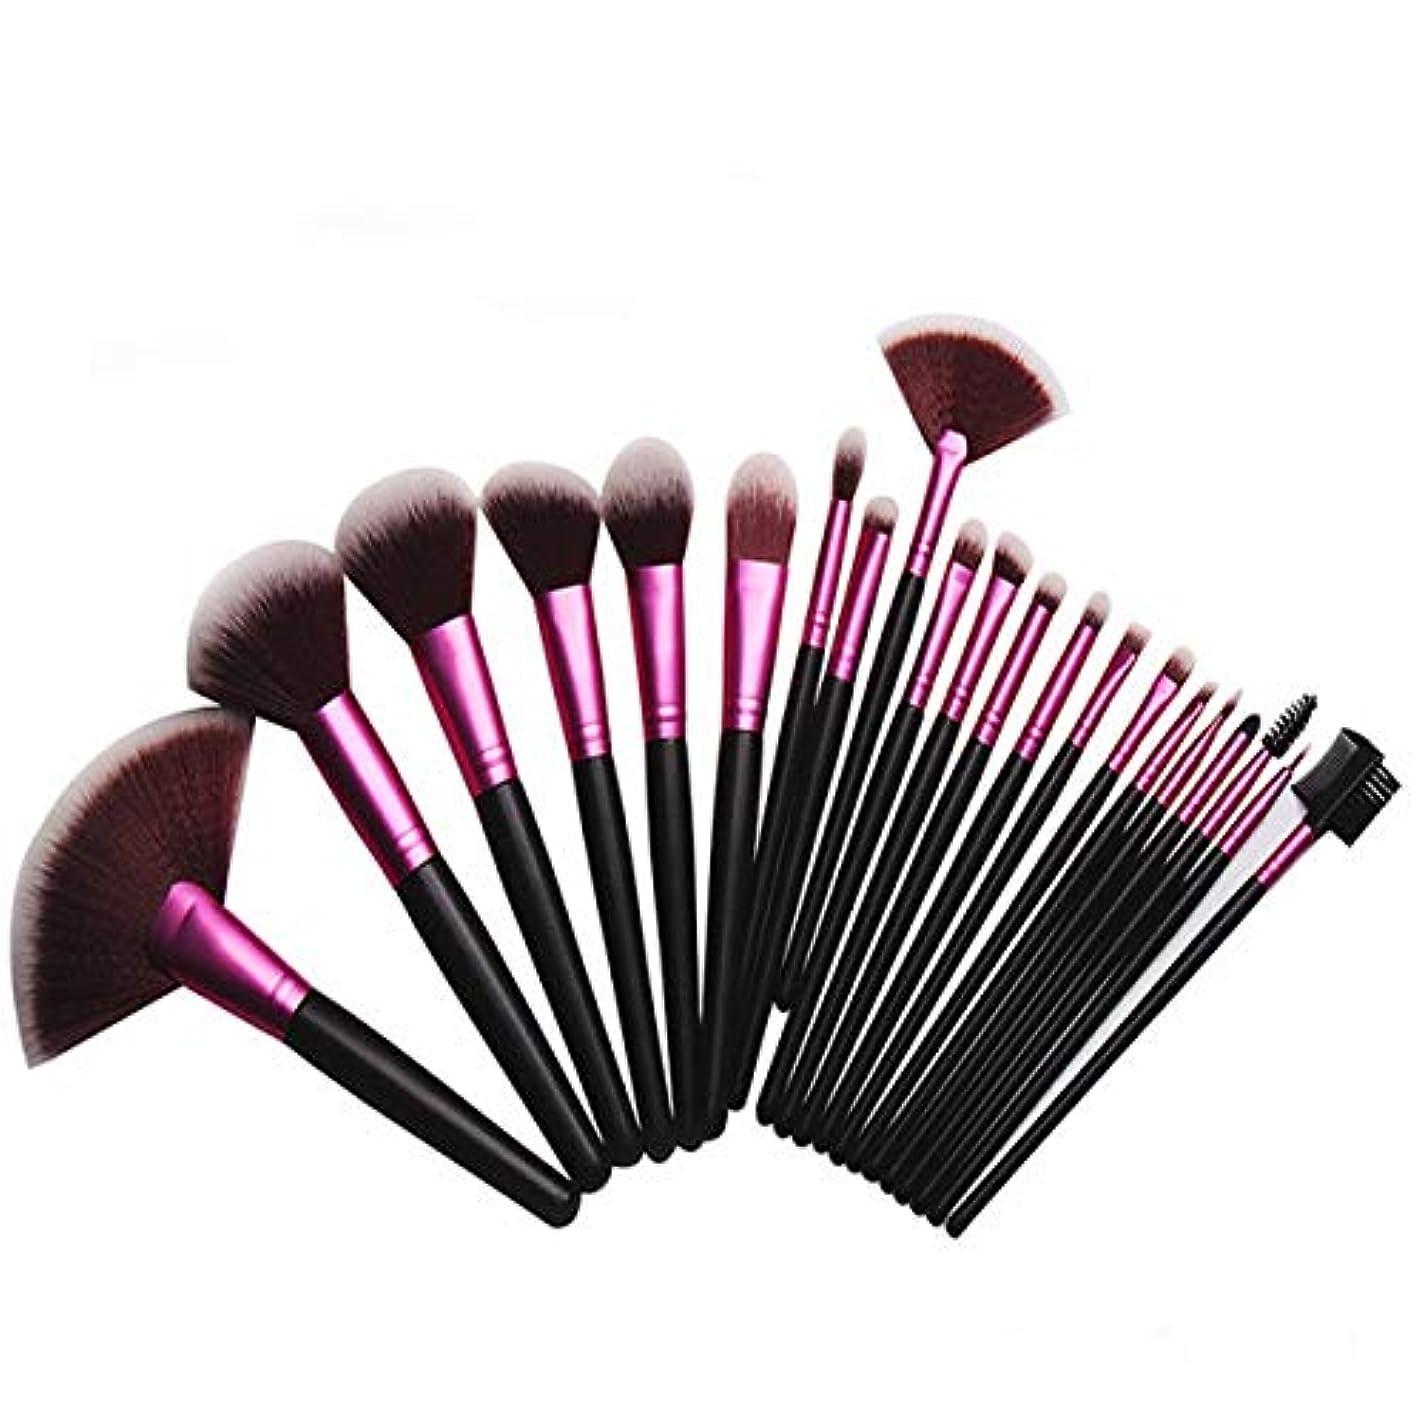 知人たっぷり効率的にJIAYIZS 21個化粧ブラシセットブラシファンデーションブラシチークブラシアイシャドウブラシリップブラシ高光沢ブラシセットブラシ